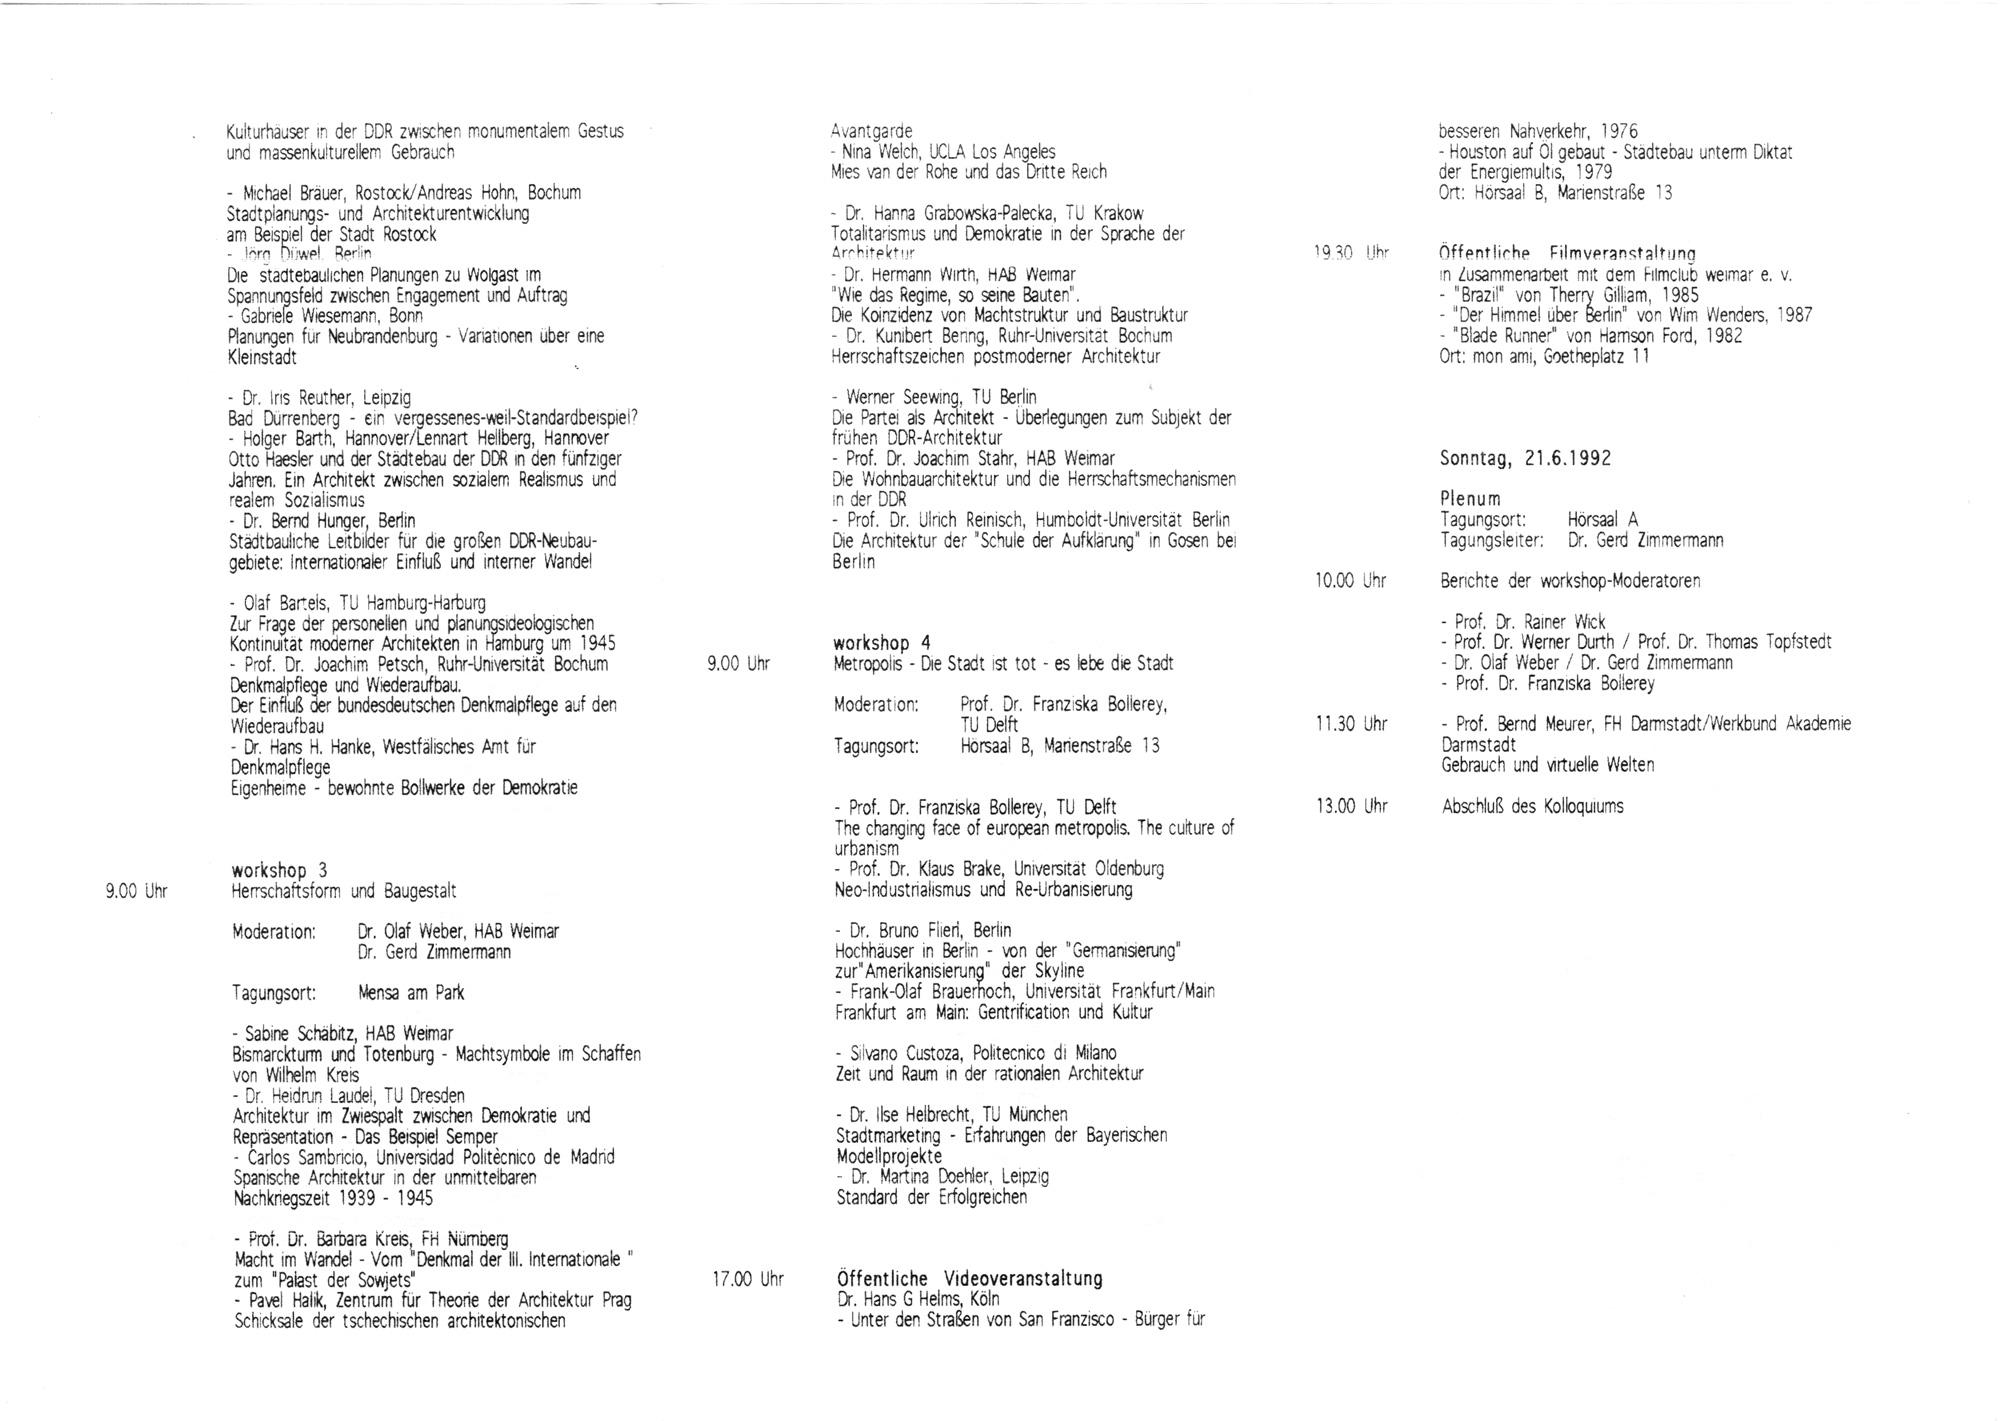 Programm des VI. Bauhaus-Kolloquiums